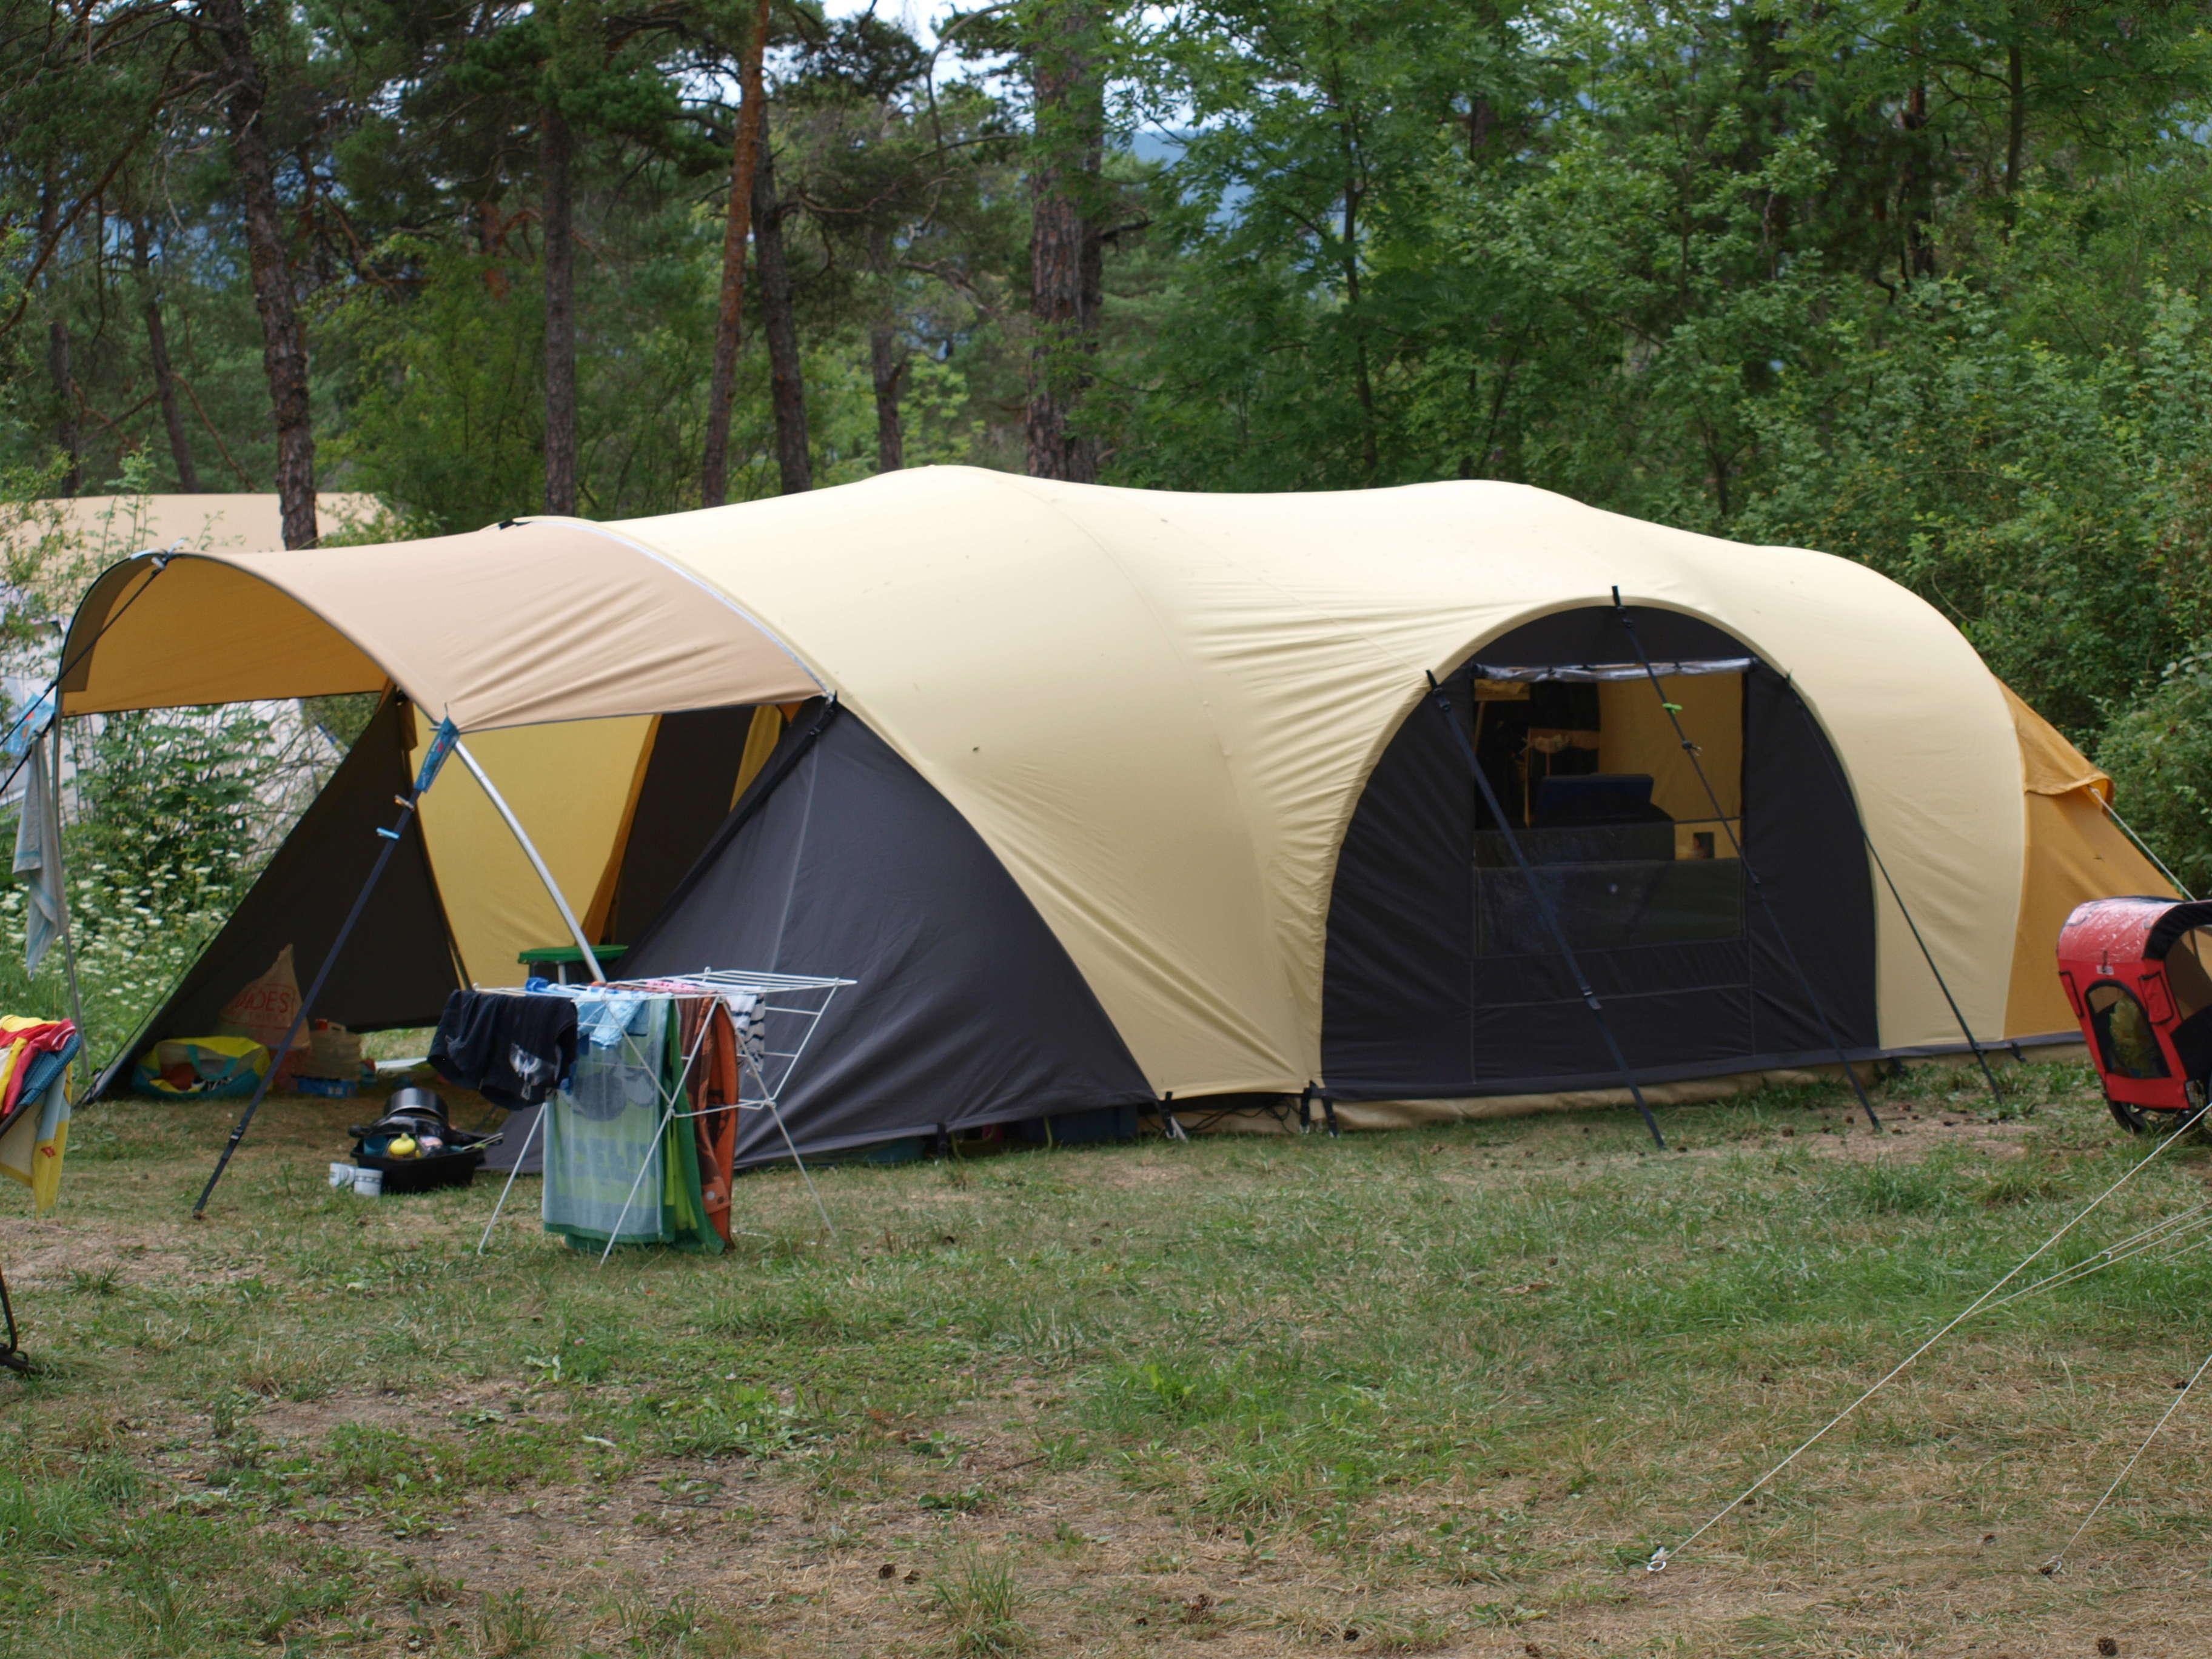 karsten - Long séjour sous une tente tunnel karsten  P8127211